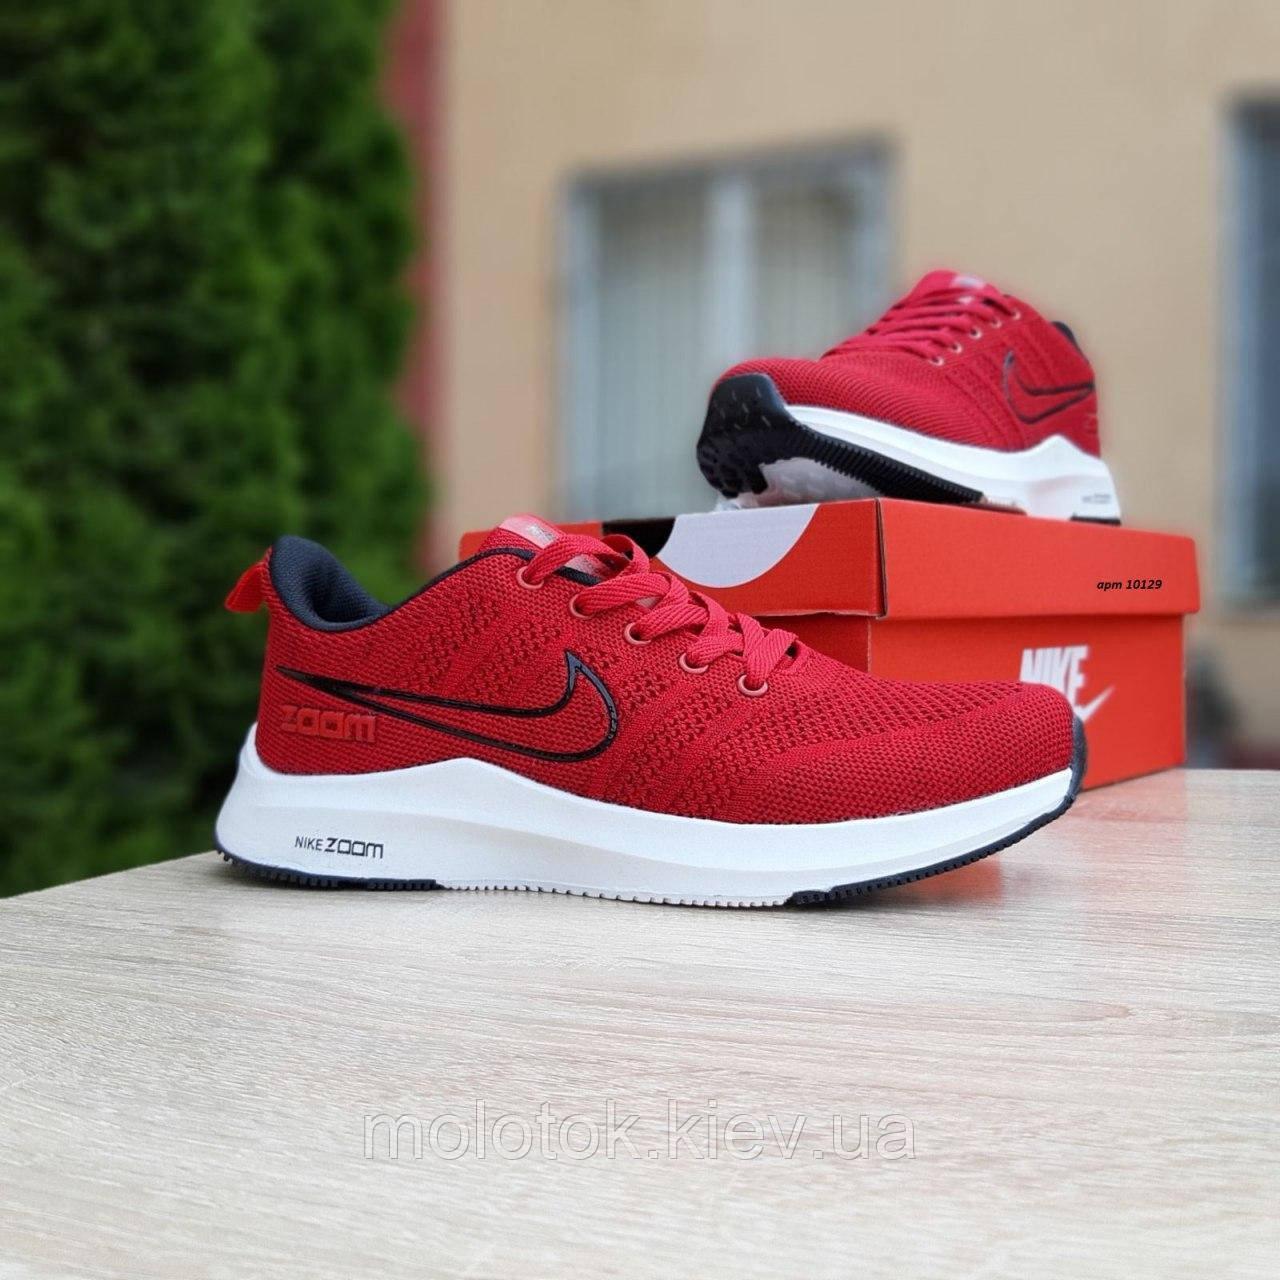 Чоловічі кросівки в стилі Nike Zoom червоні